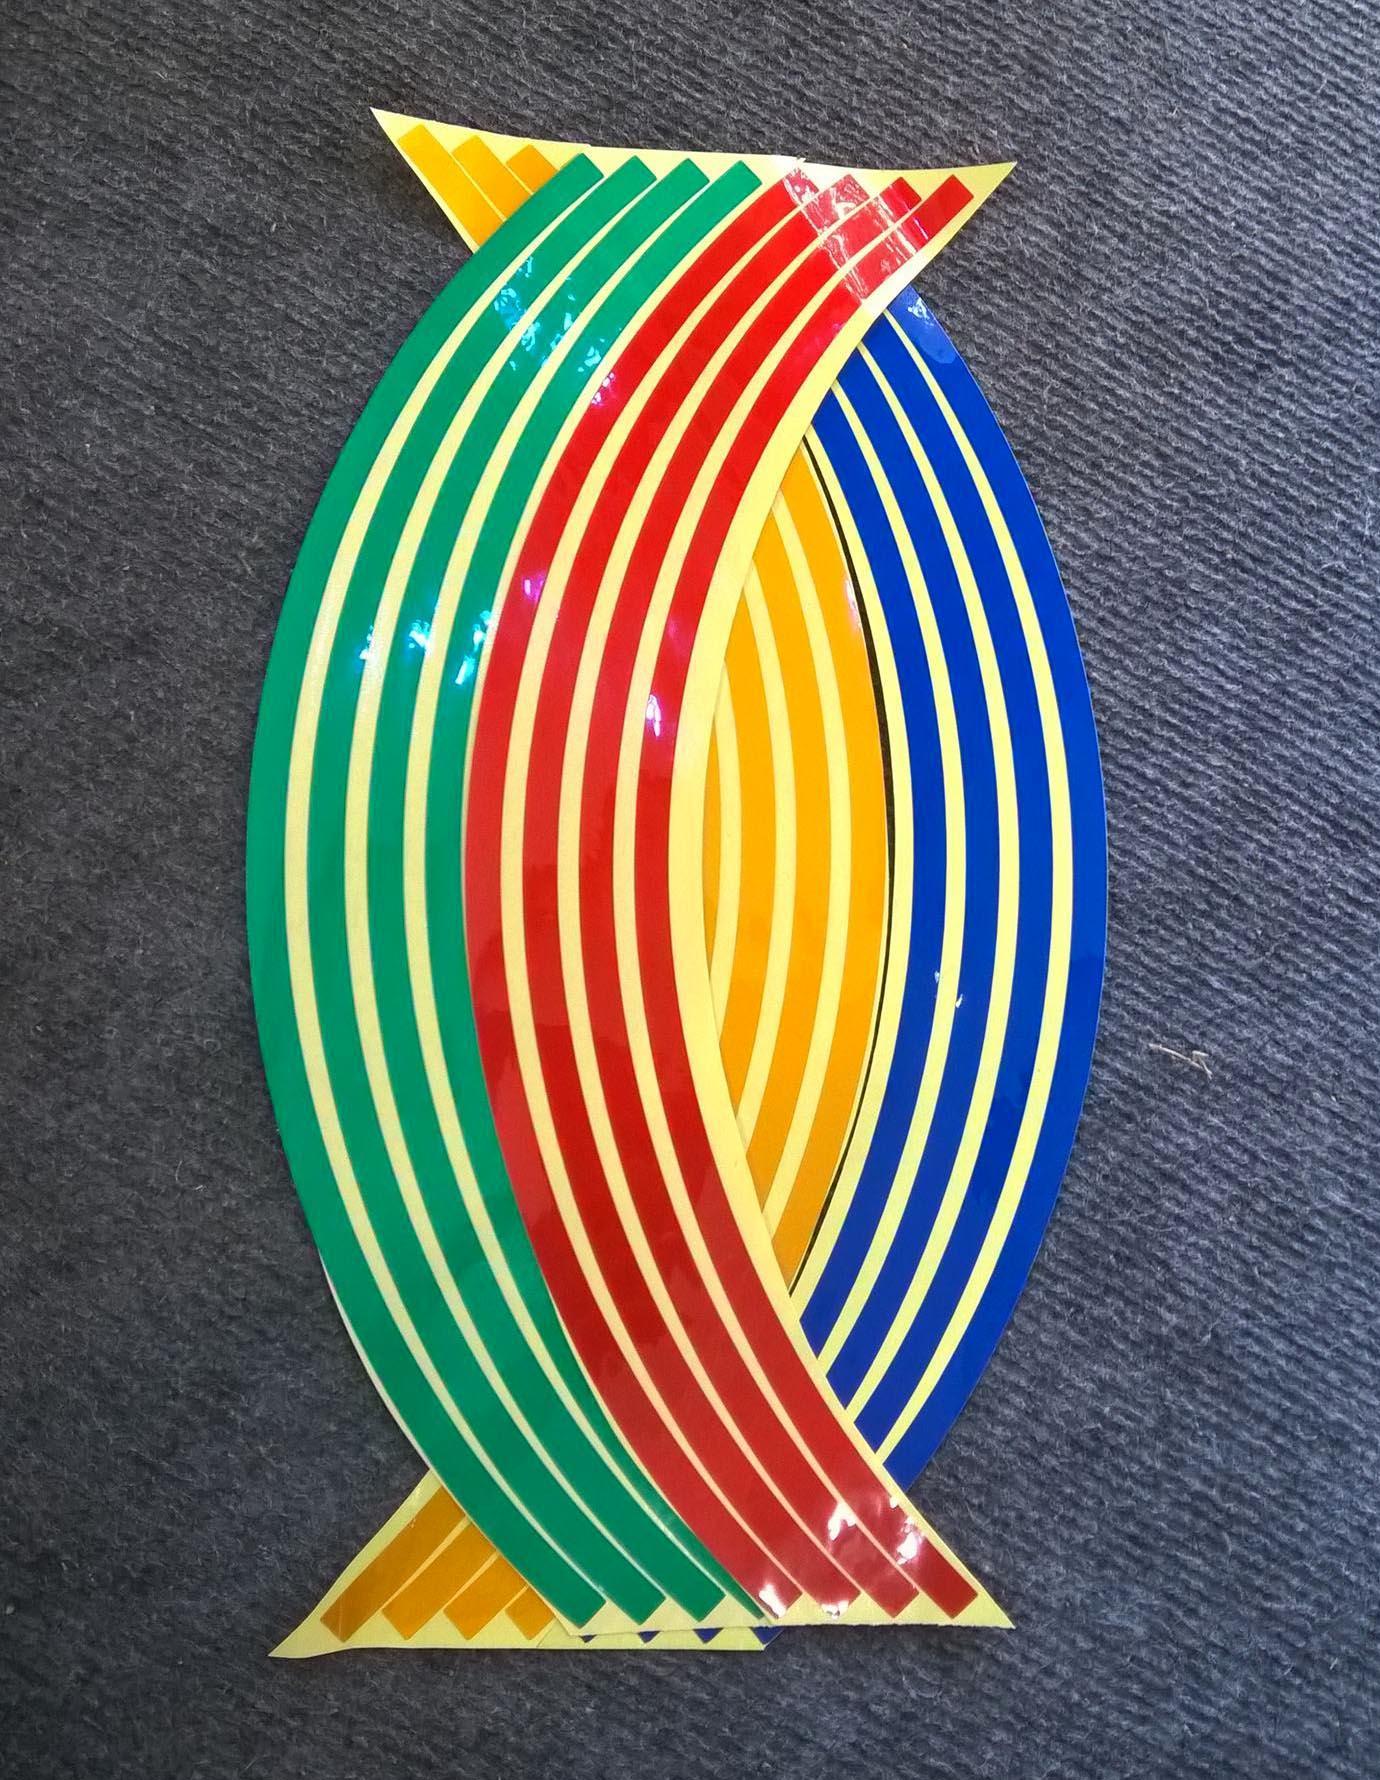 Bộ dán phản quang vành xe